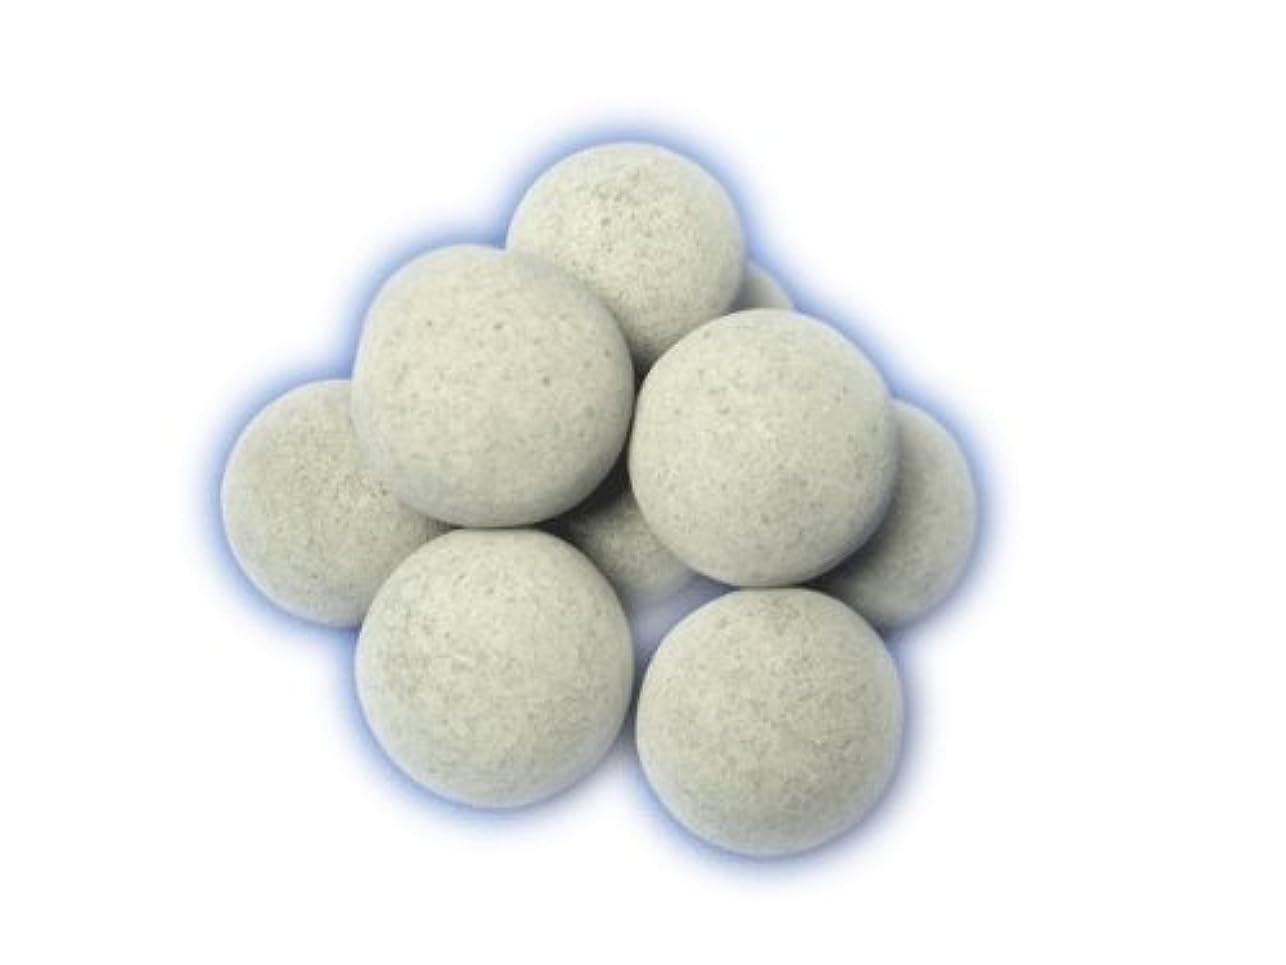 エイズスチュワード不変有機ゲルマニウムセラミックボール(20mm)200g